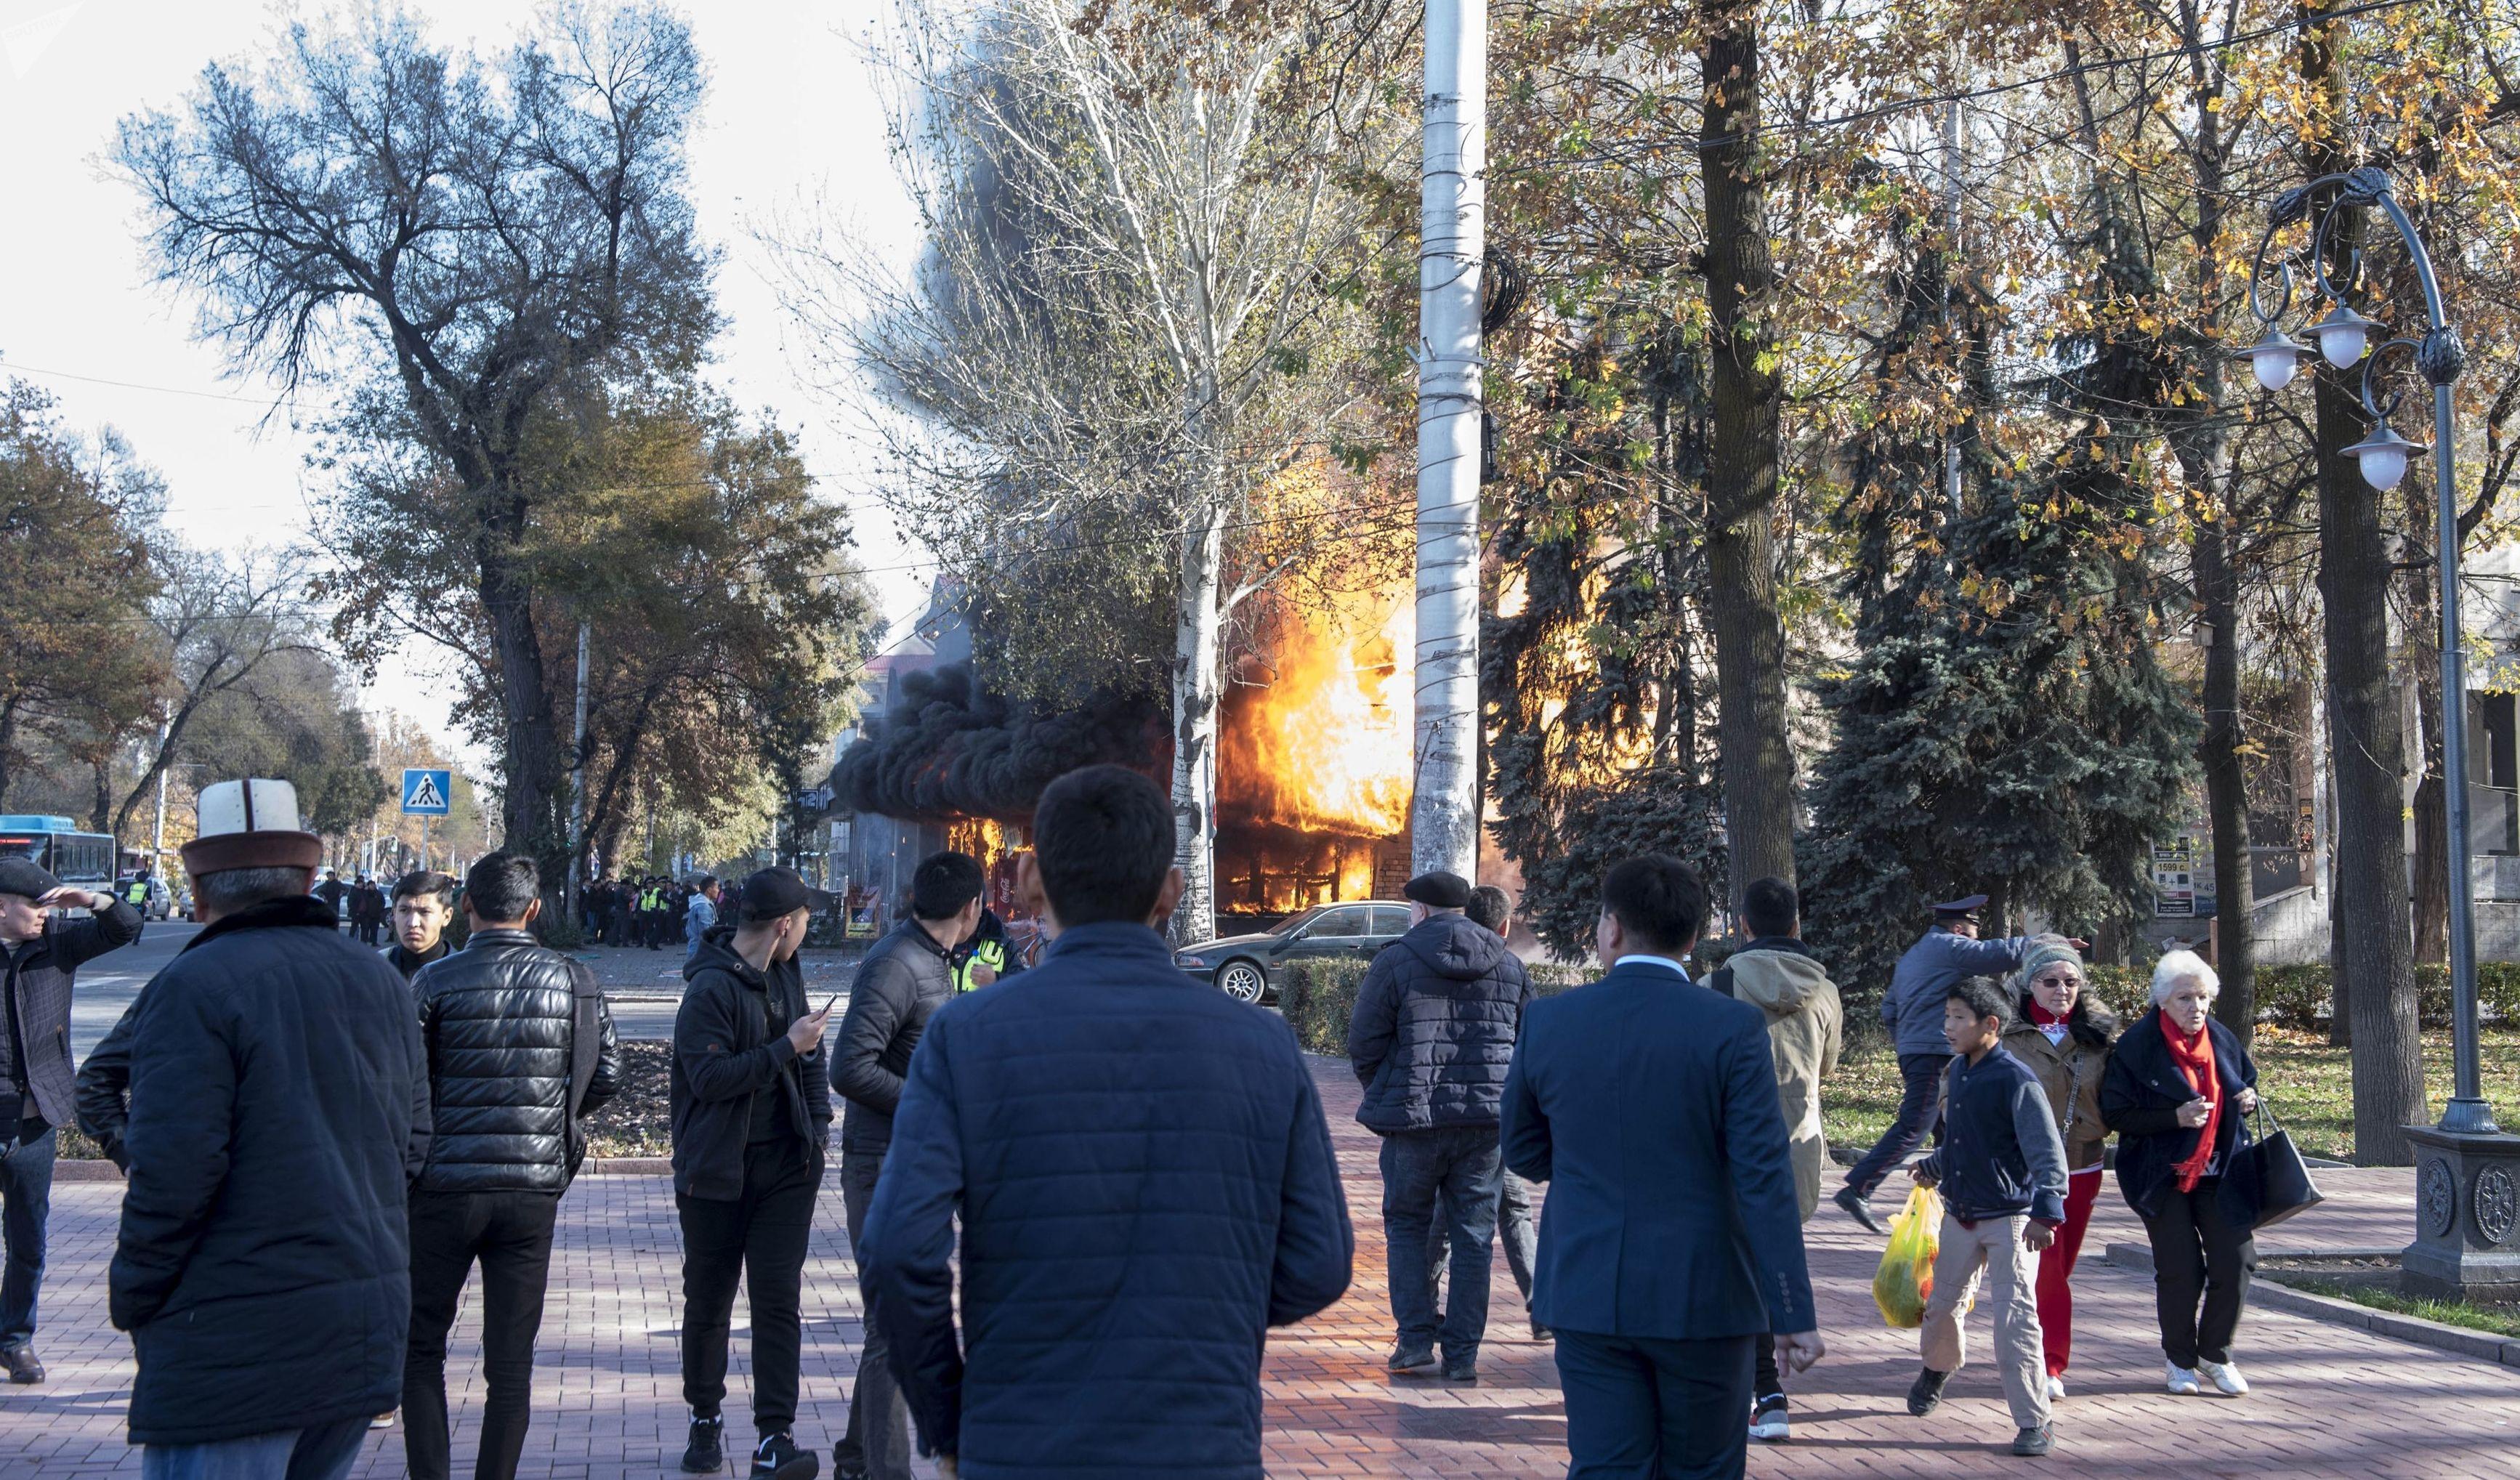 Explosión en un local de comida rápida denominado Antoshka en Biskek, Kirguistán